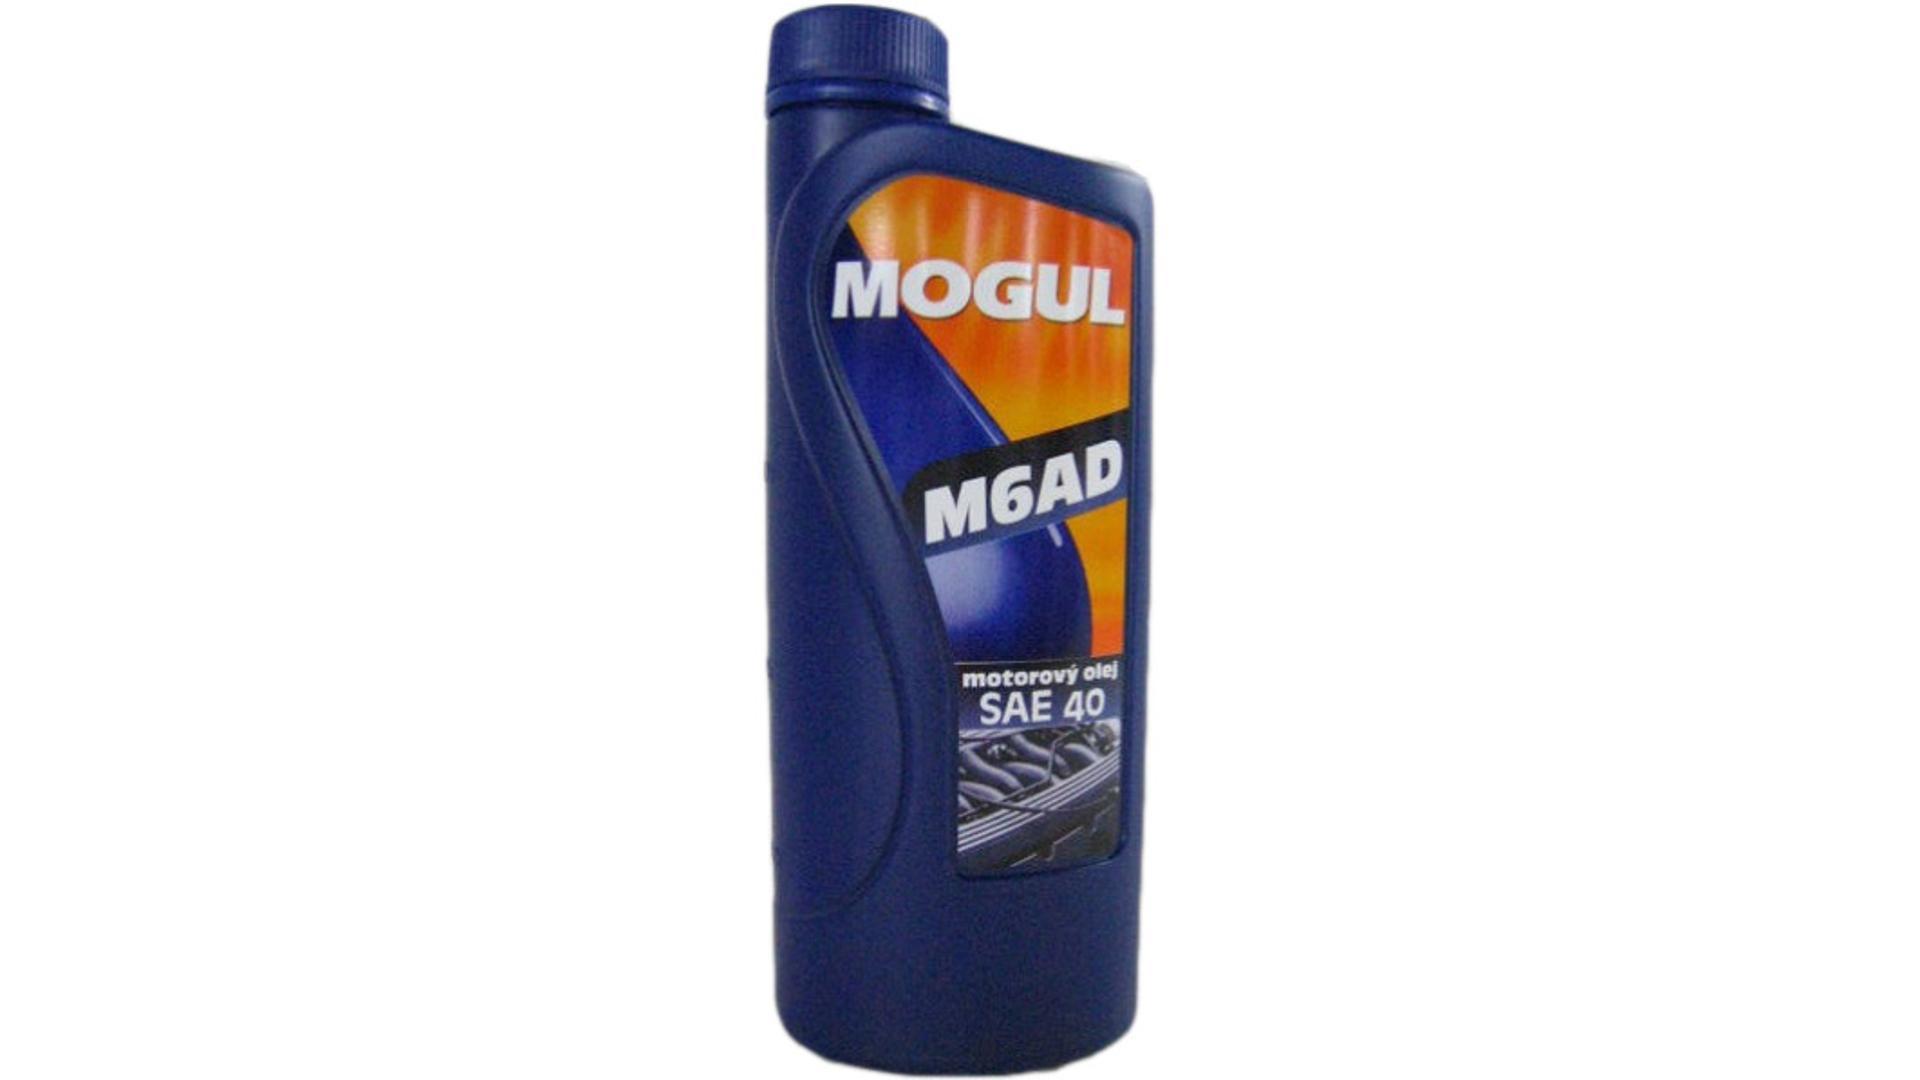 MOGUL M6AD (SAE40) /1